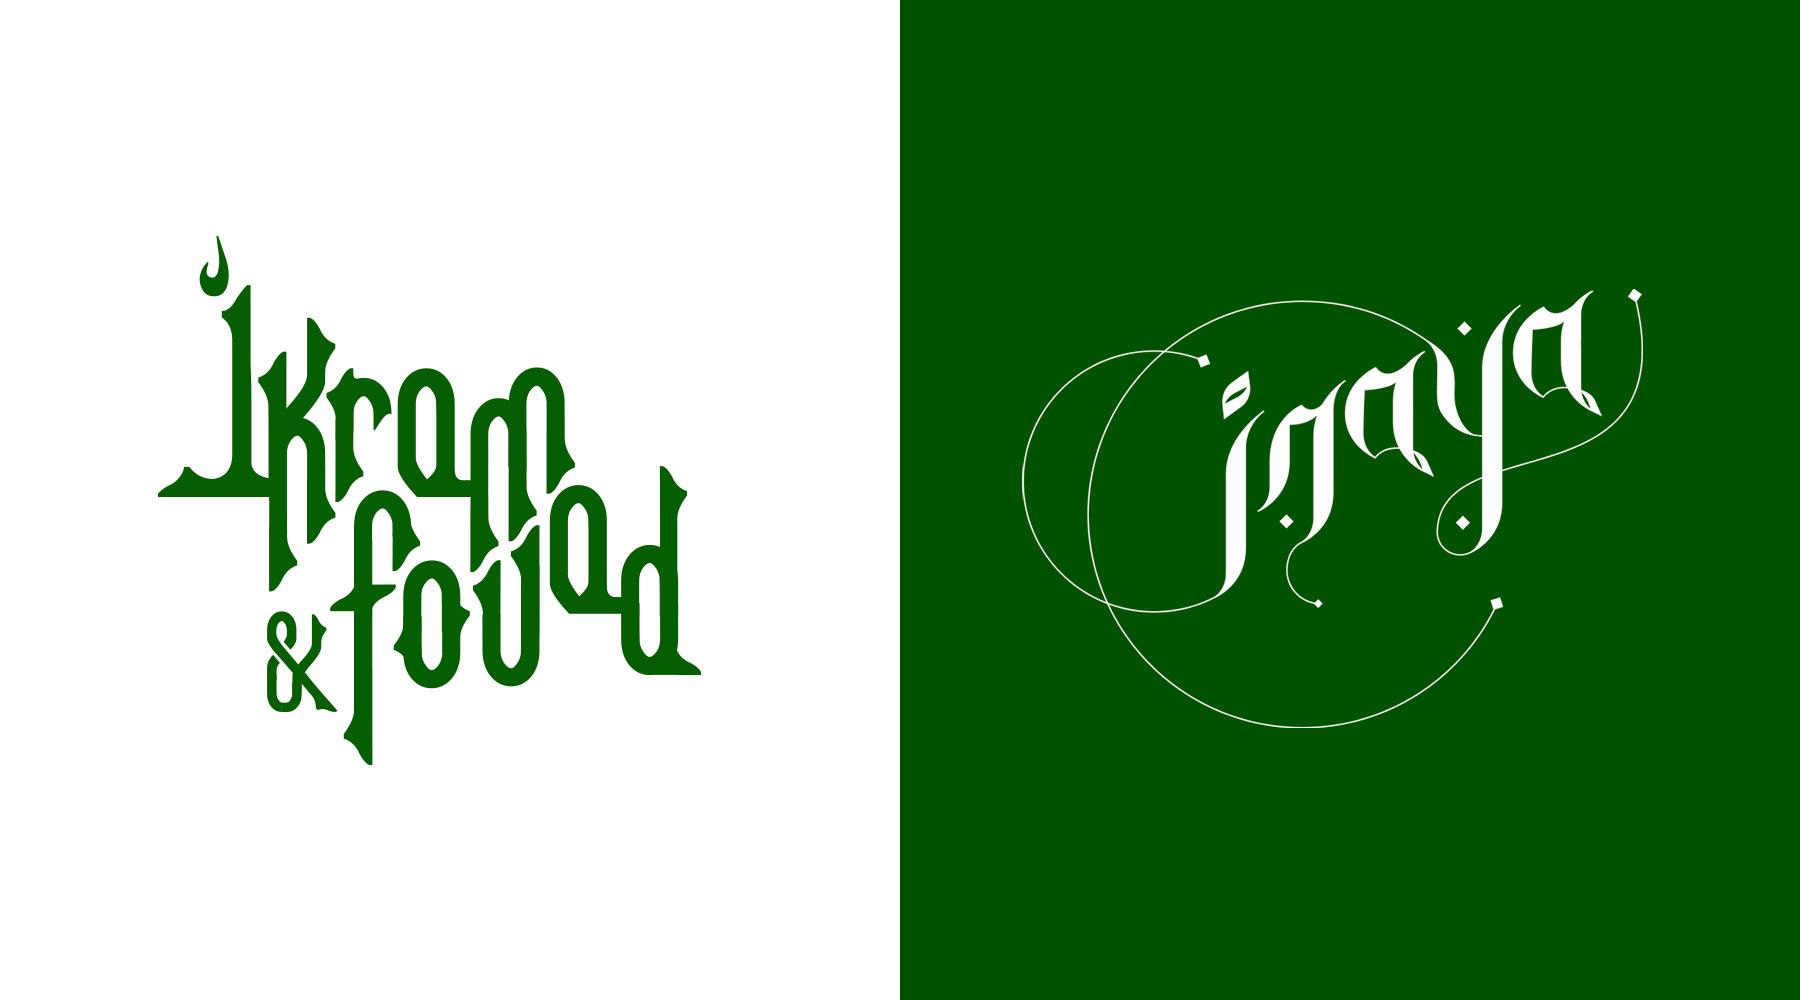 Typographie Ikram & Fouad, Inaya